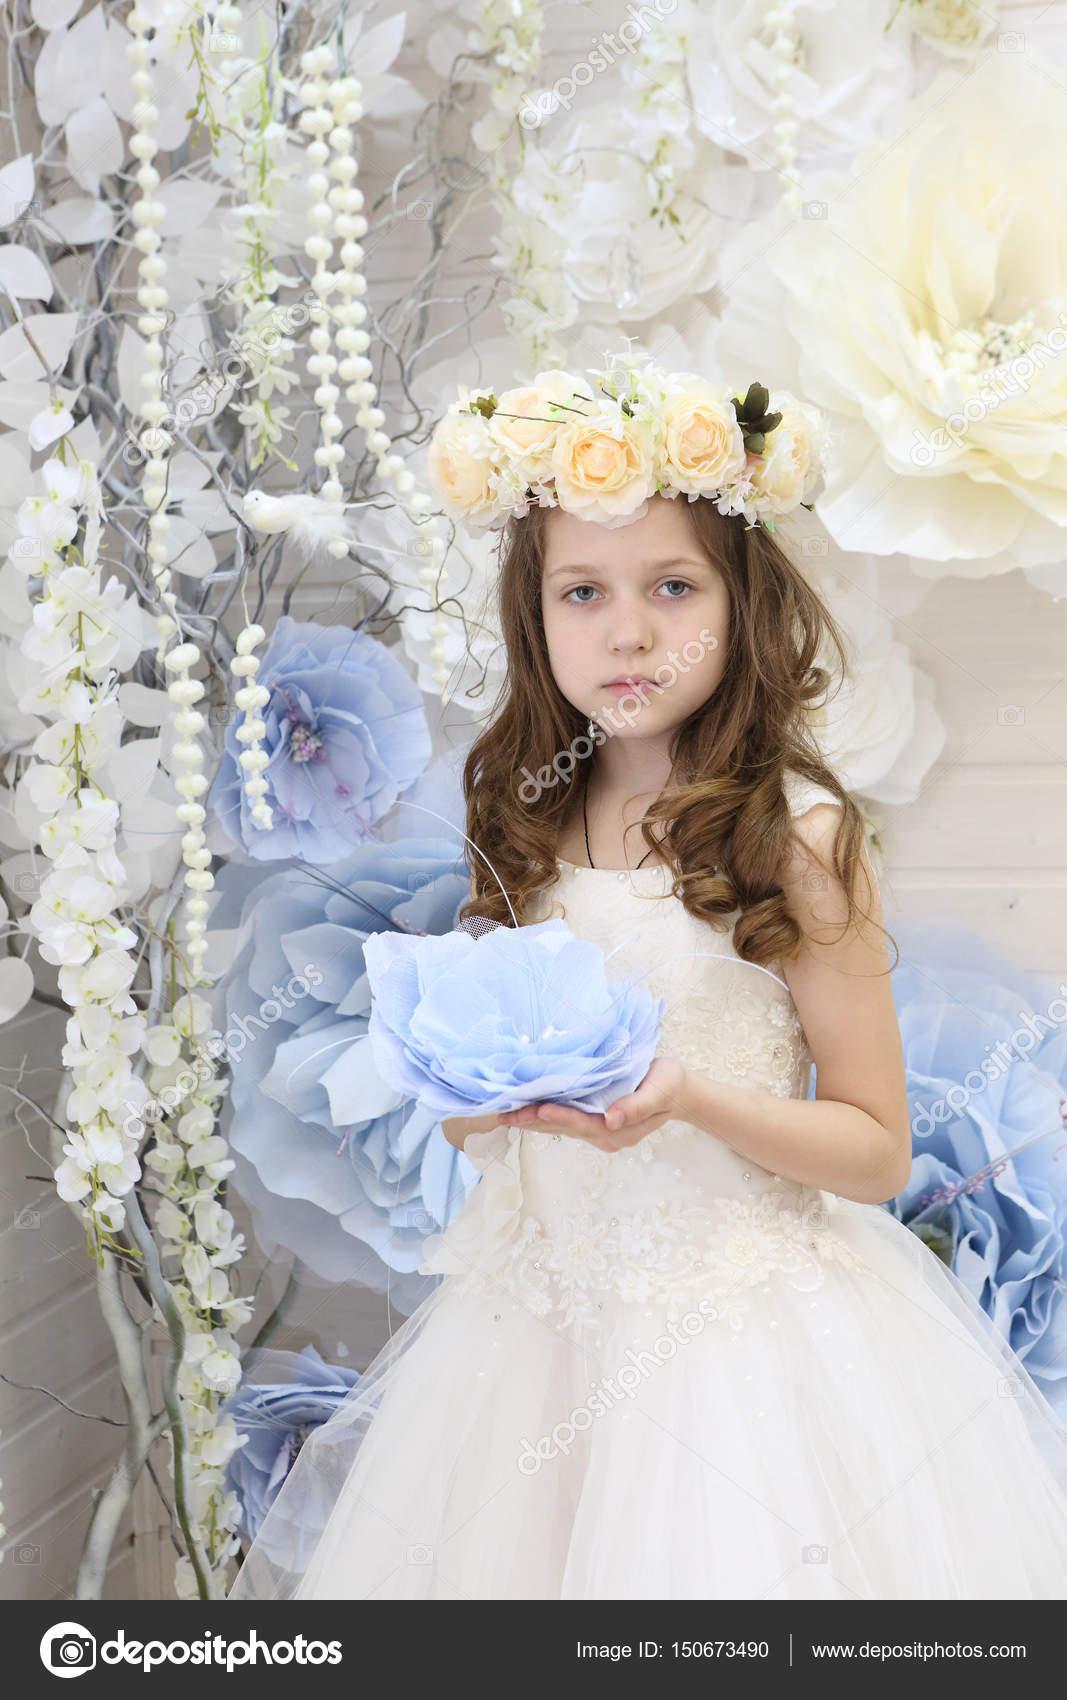 Jeune Fille Dans Une Couronne De Fleurs Et Une Robe Blanche Tenant